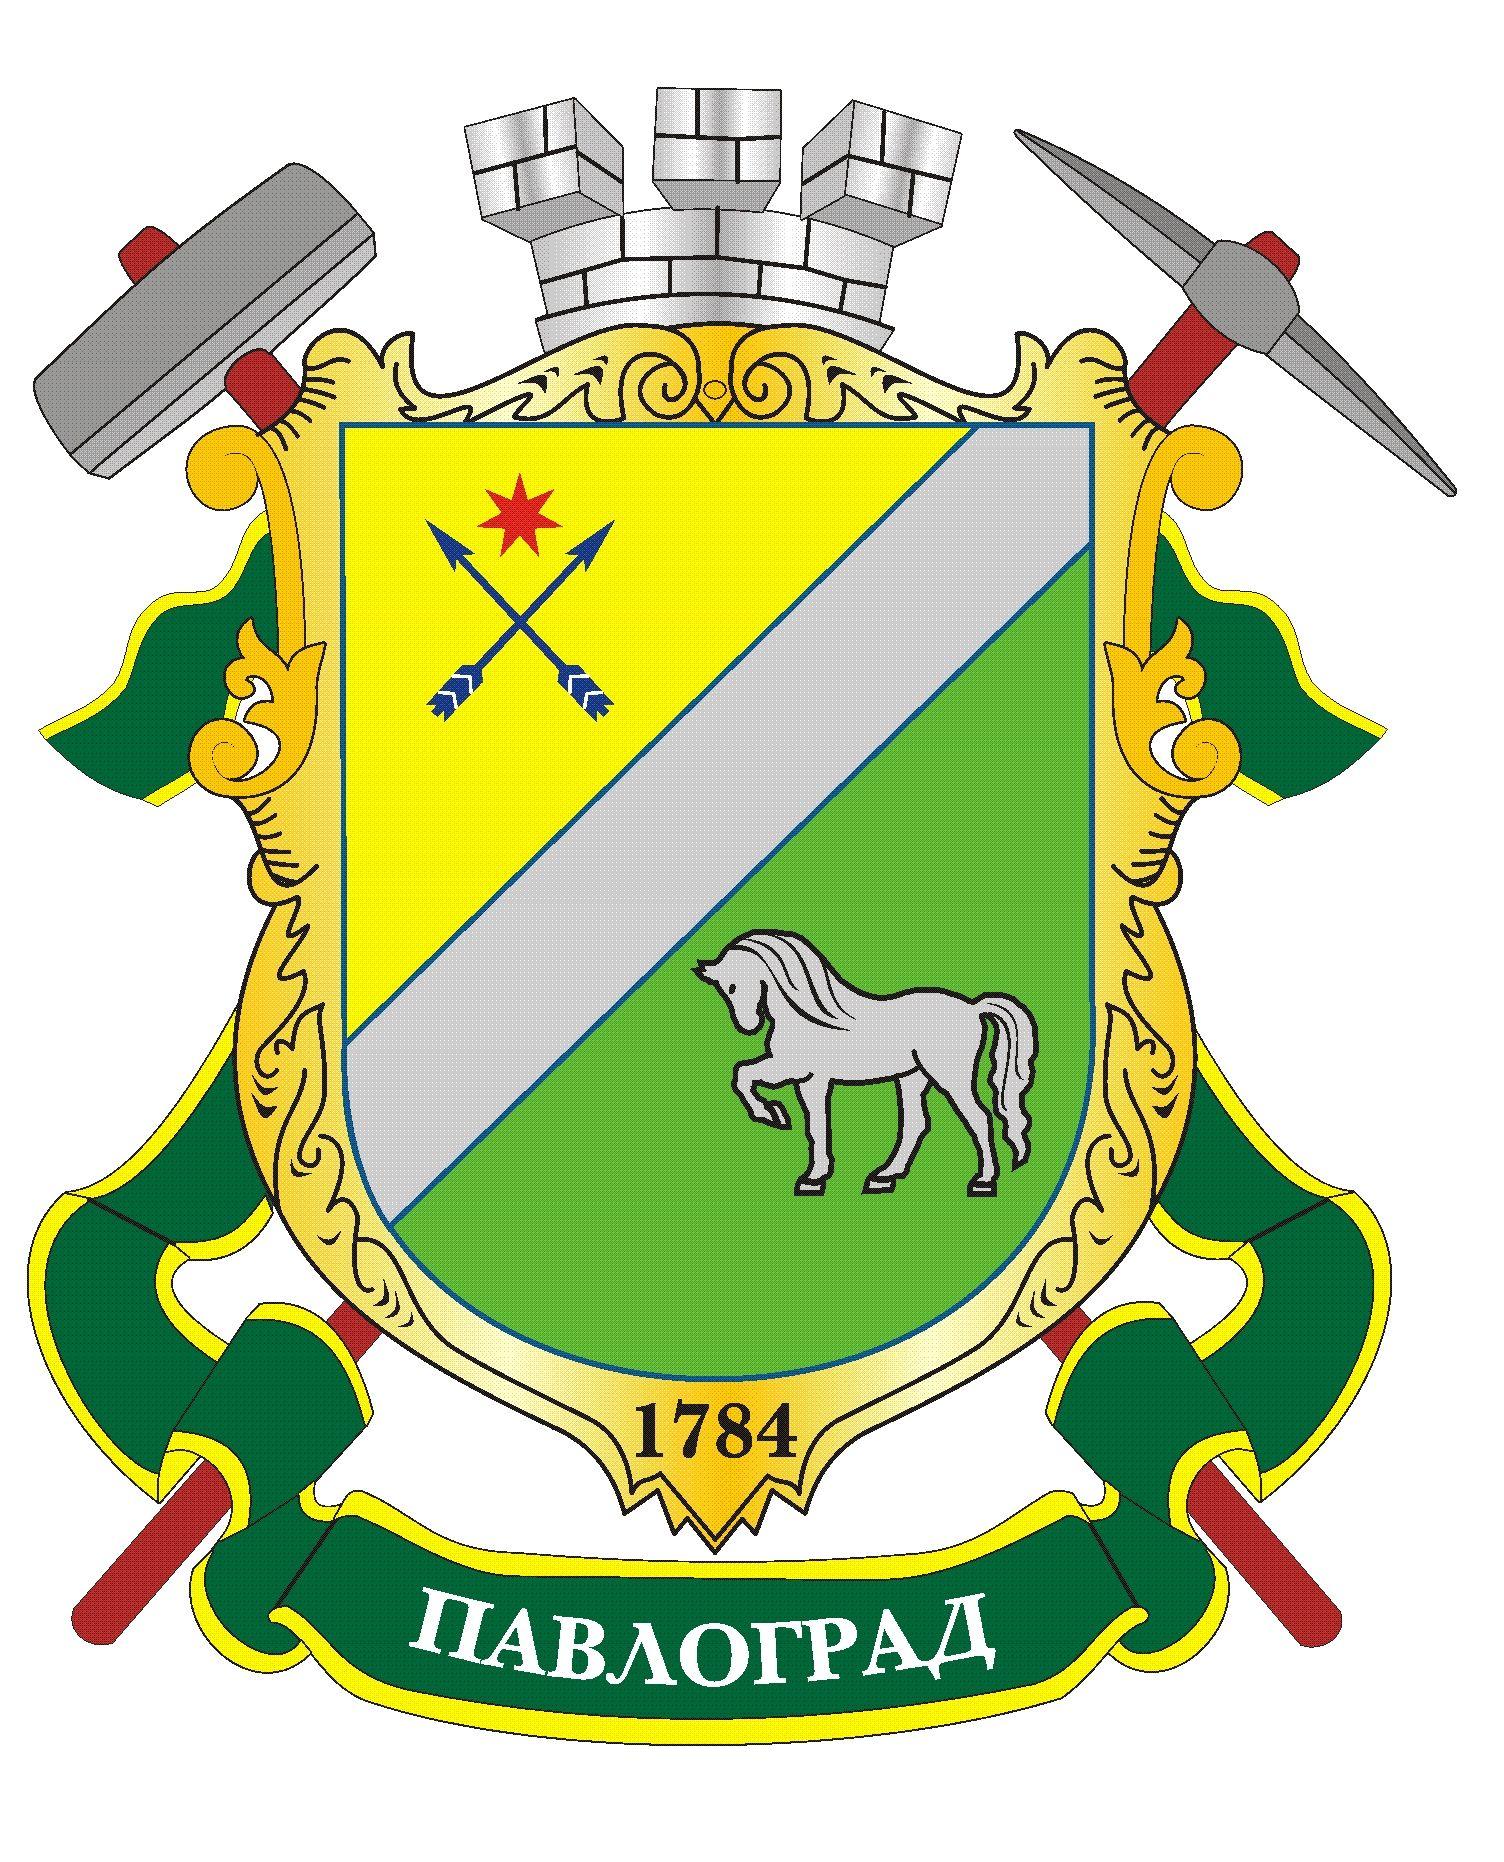 finansove-upravlinnia-pavlohradskoi-miskoi-rady-dnipropetrovskoi-oblasti